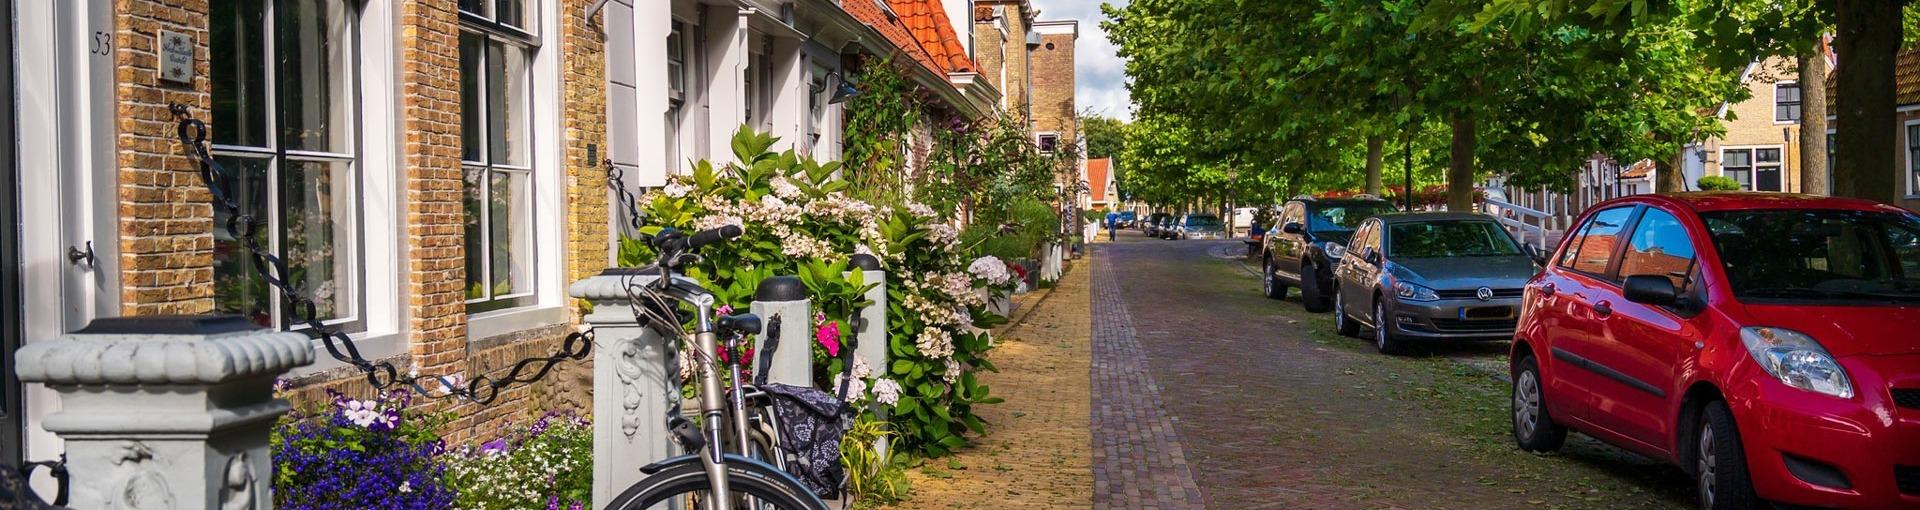 Een straat met woningen in Harlingen